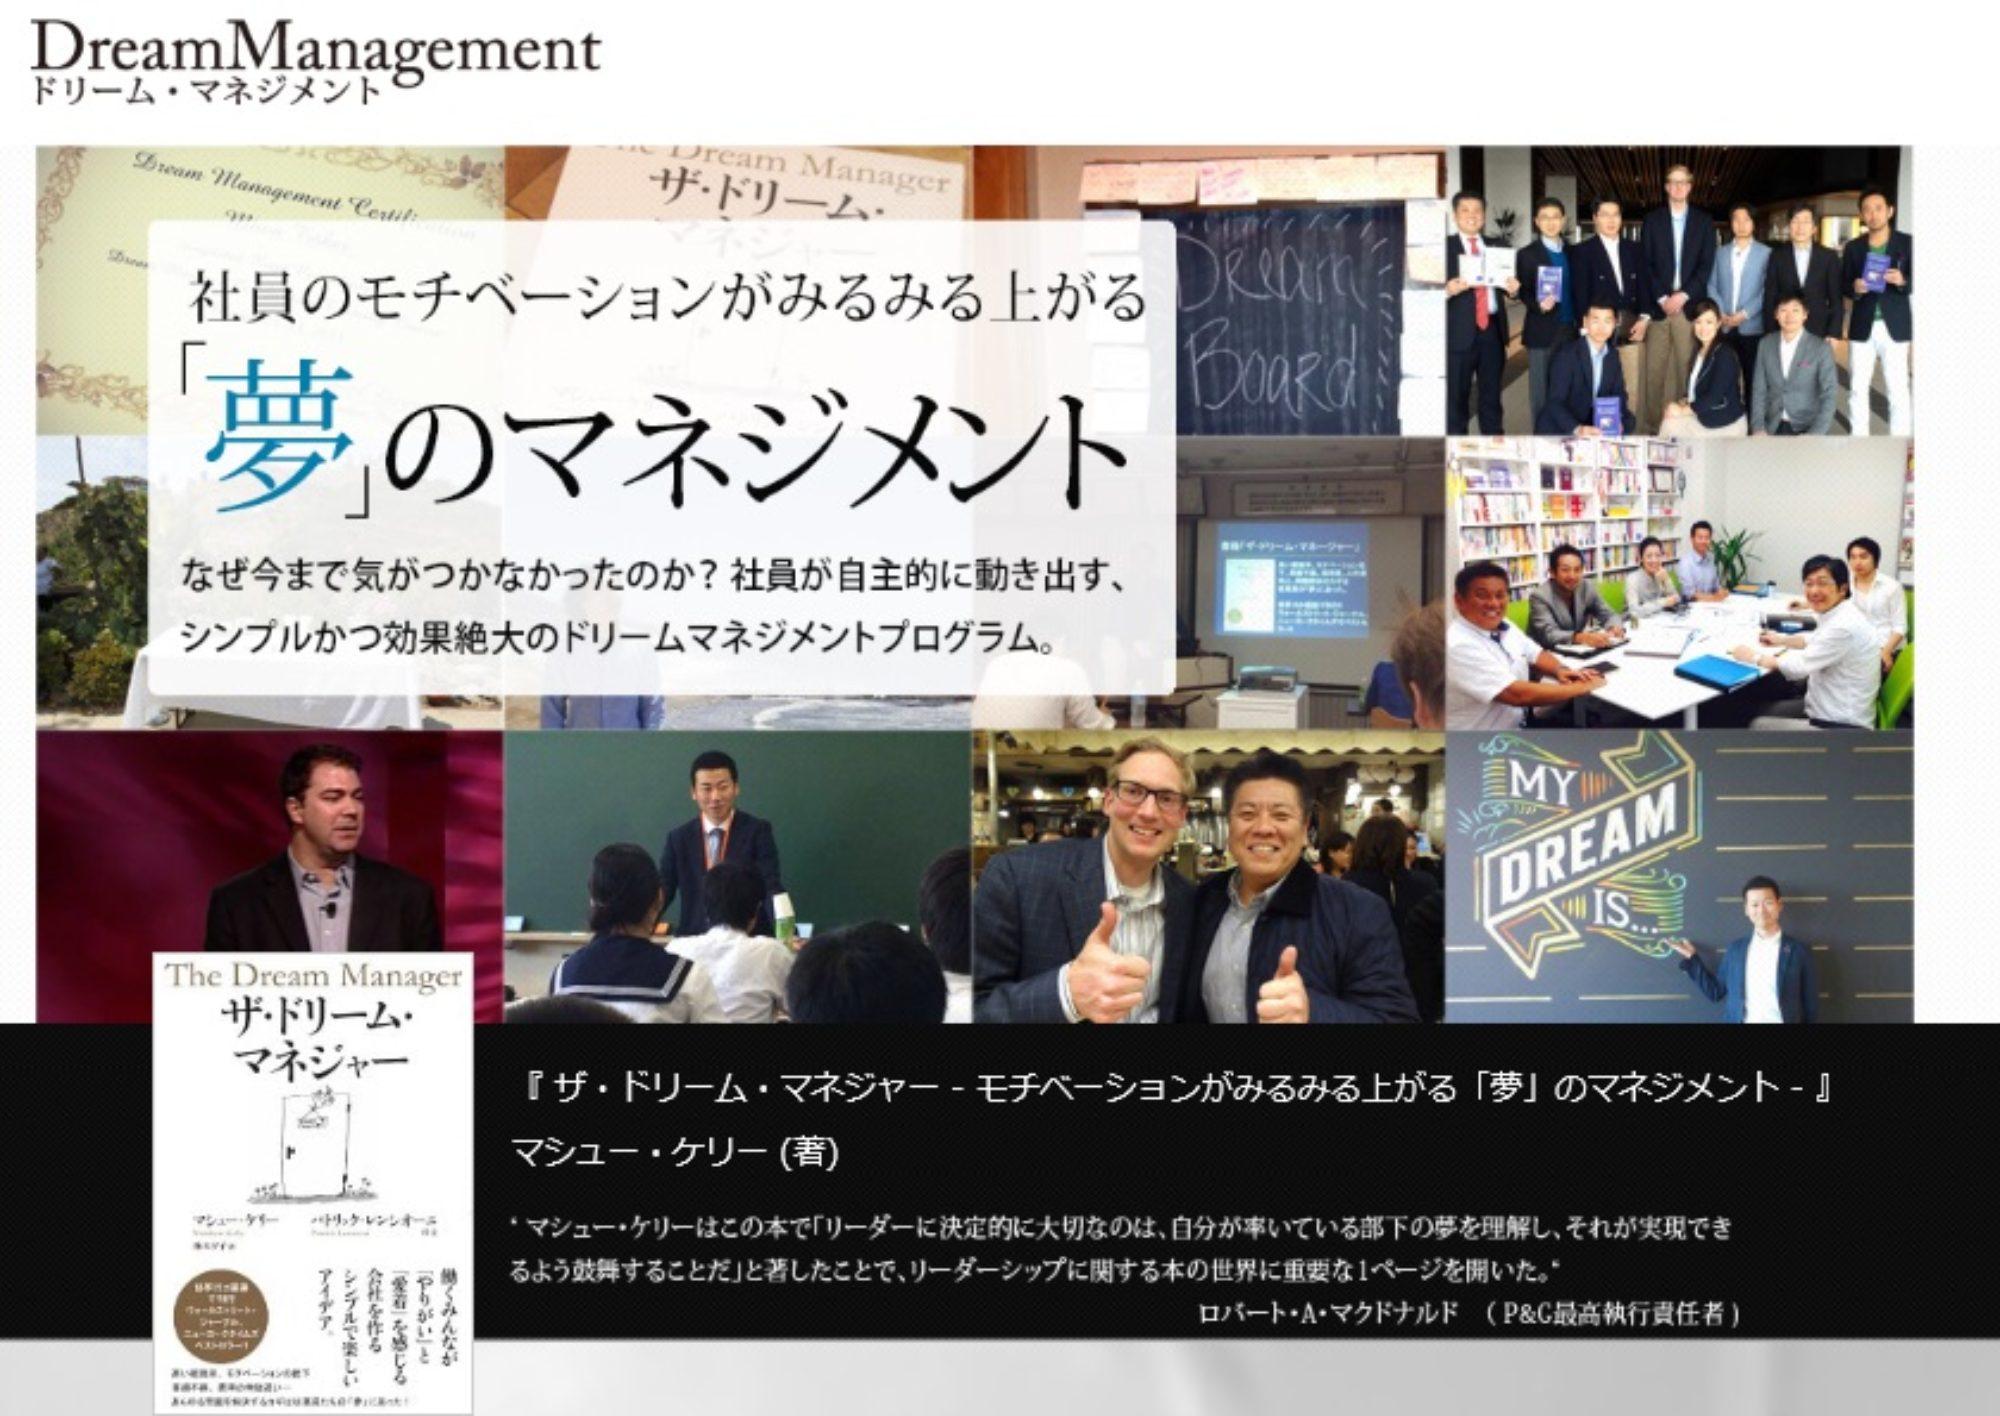 ドリームマネジメントブログ